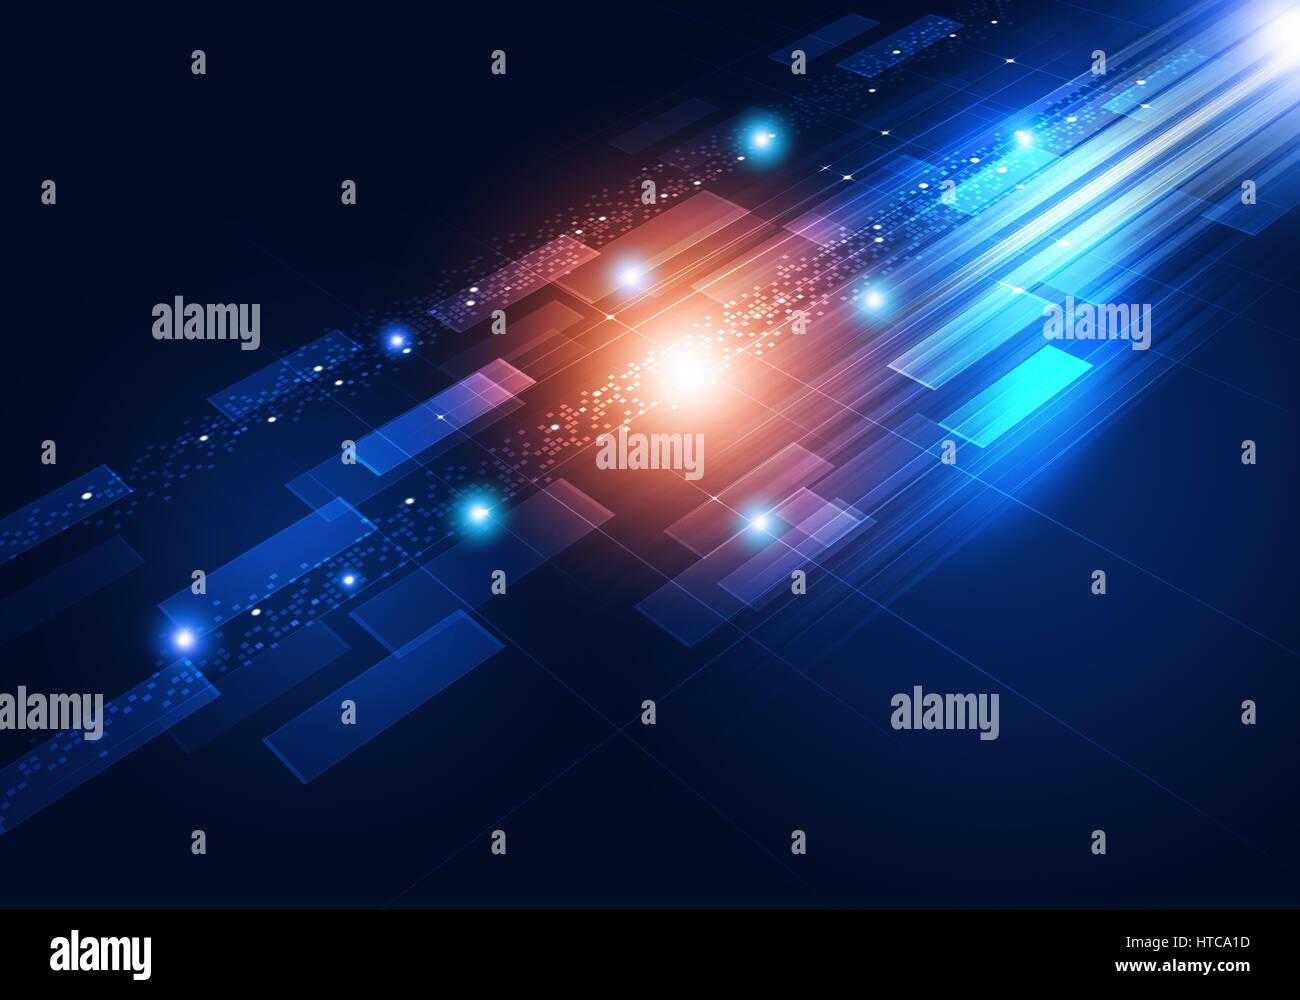 La technologie de mouvement abstrait arrière-plan connexion concept bleu Photo Stock